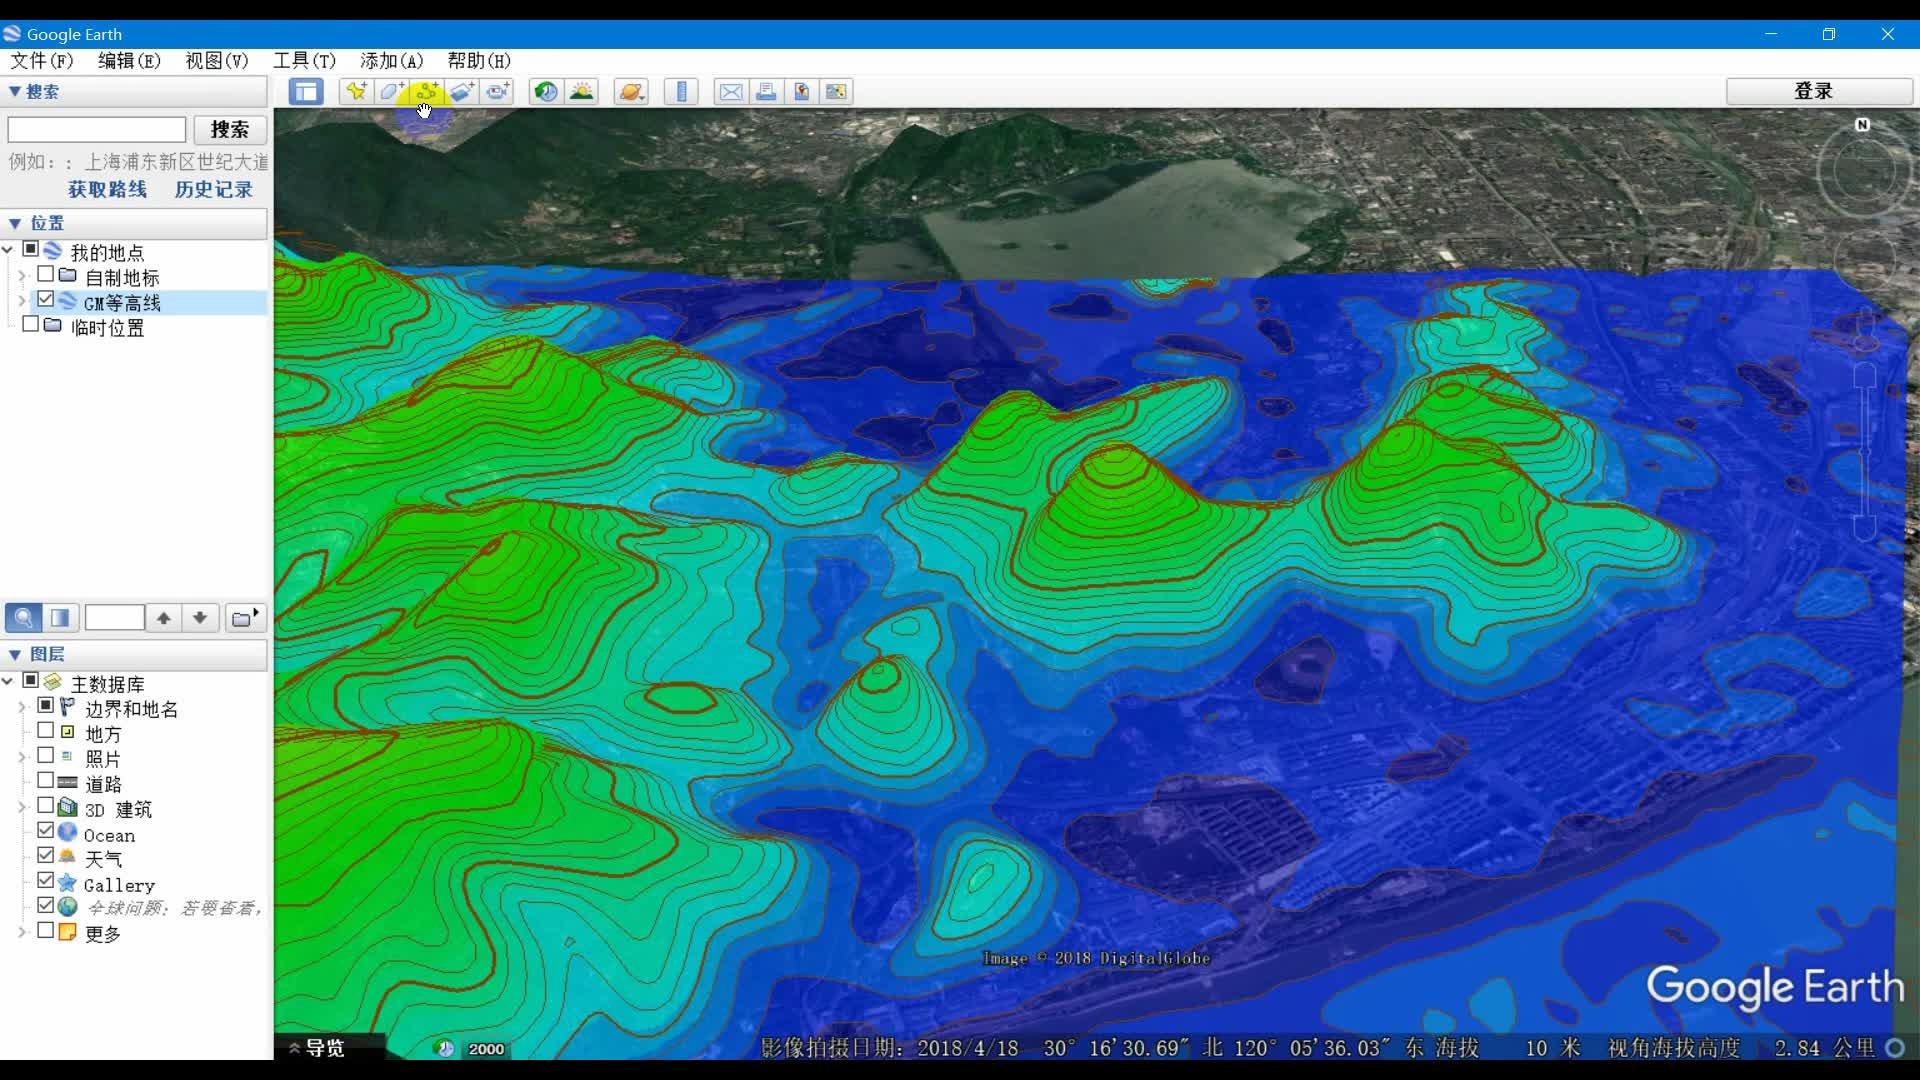 12任意区域等高线制作——谷歌地球等高线的GM制作方法解析-《玩转谷歌地球——Google Earth地理教学应用培训教程》